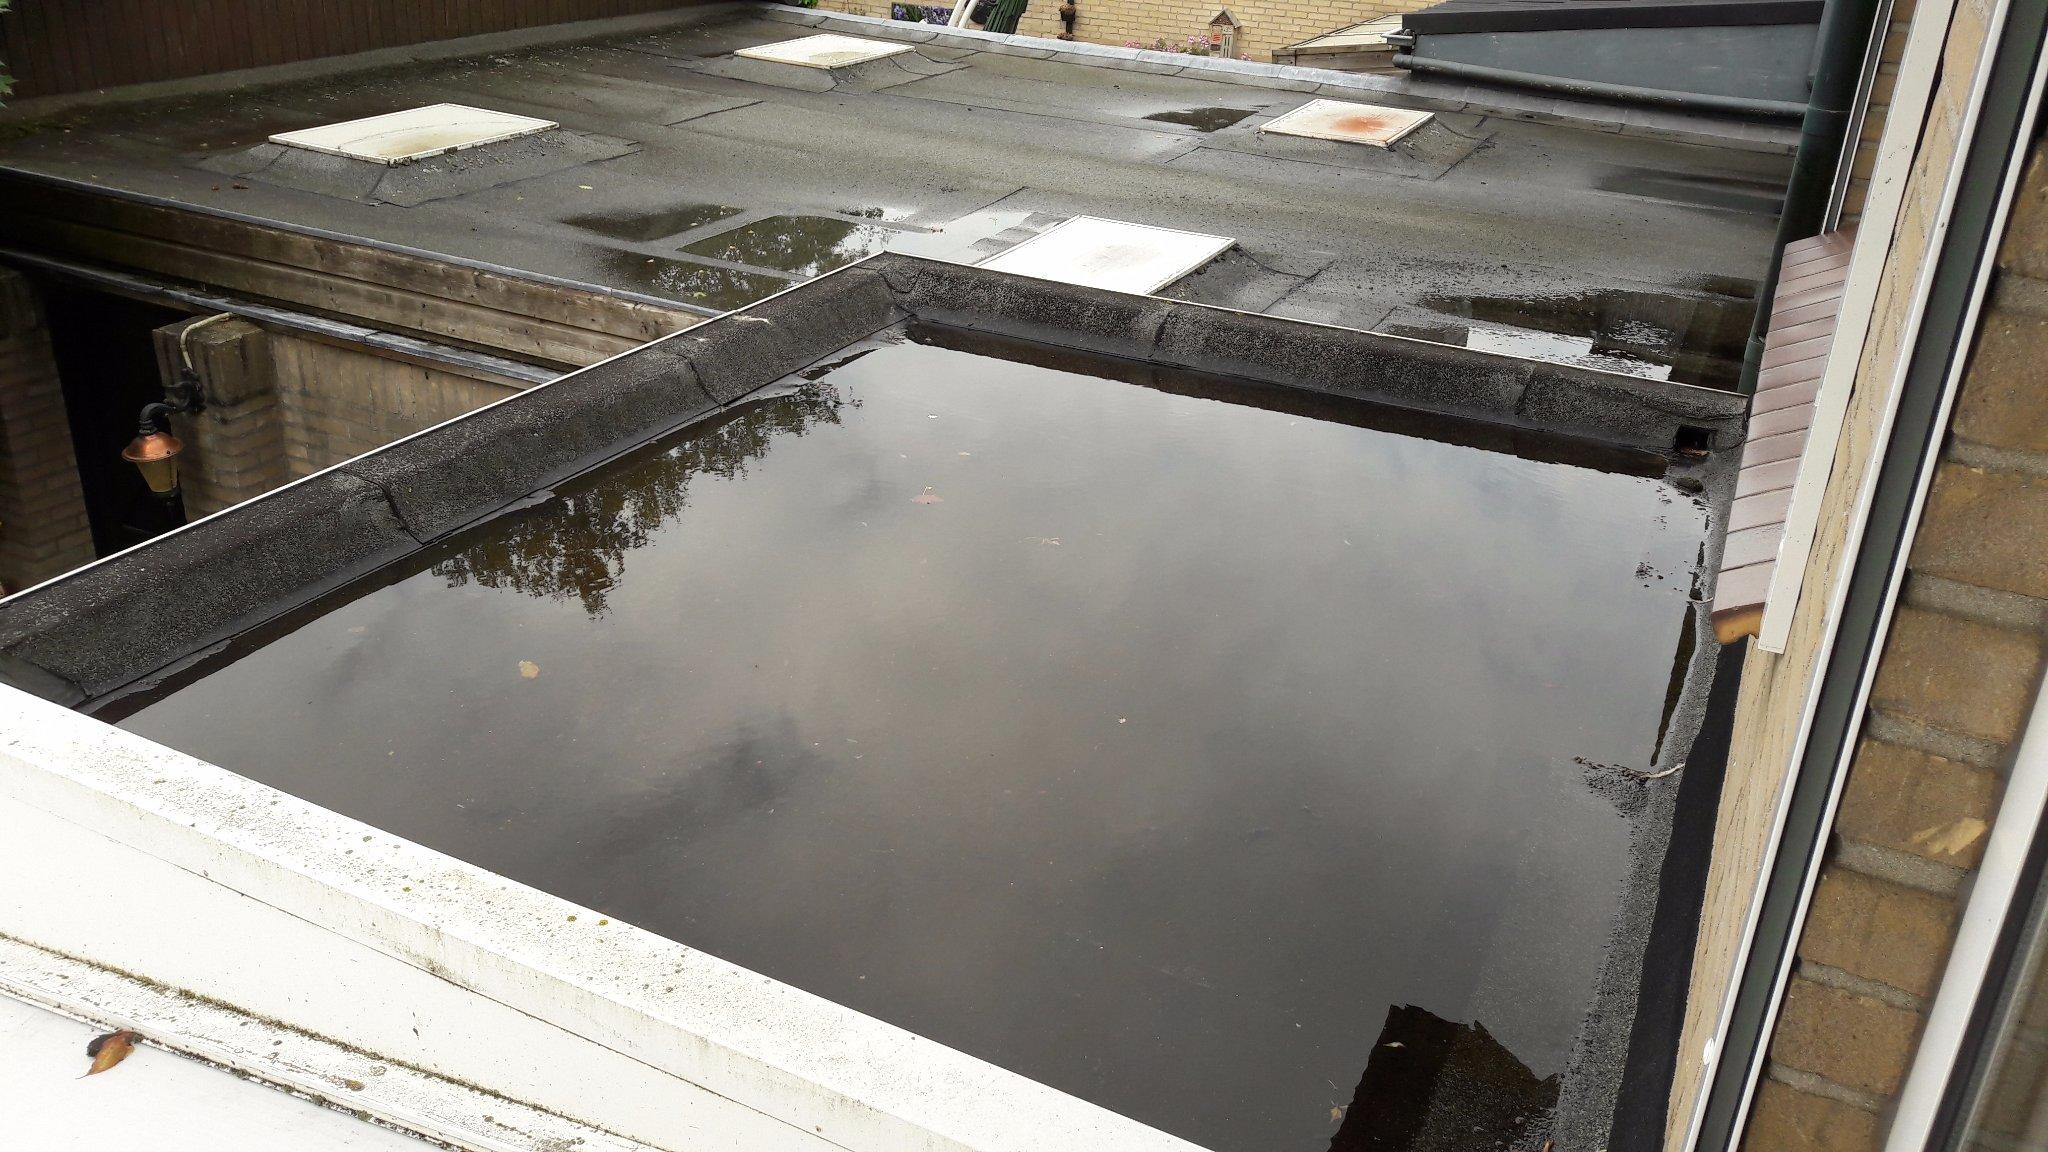 Maken nood overstort klein plat dak boven keuken werkspot